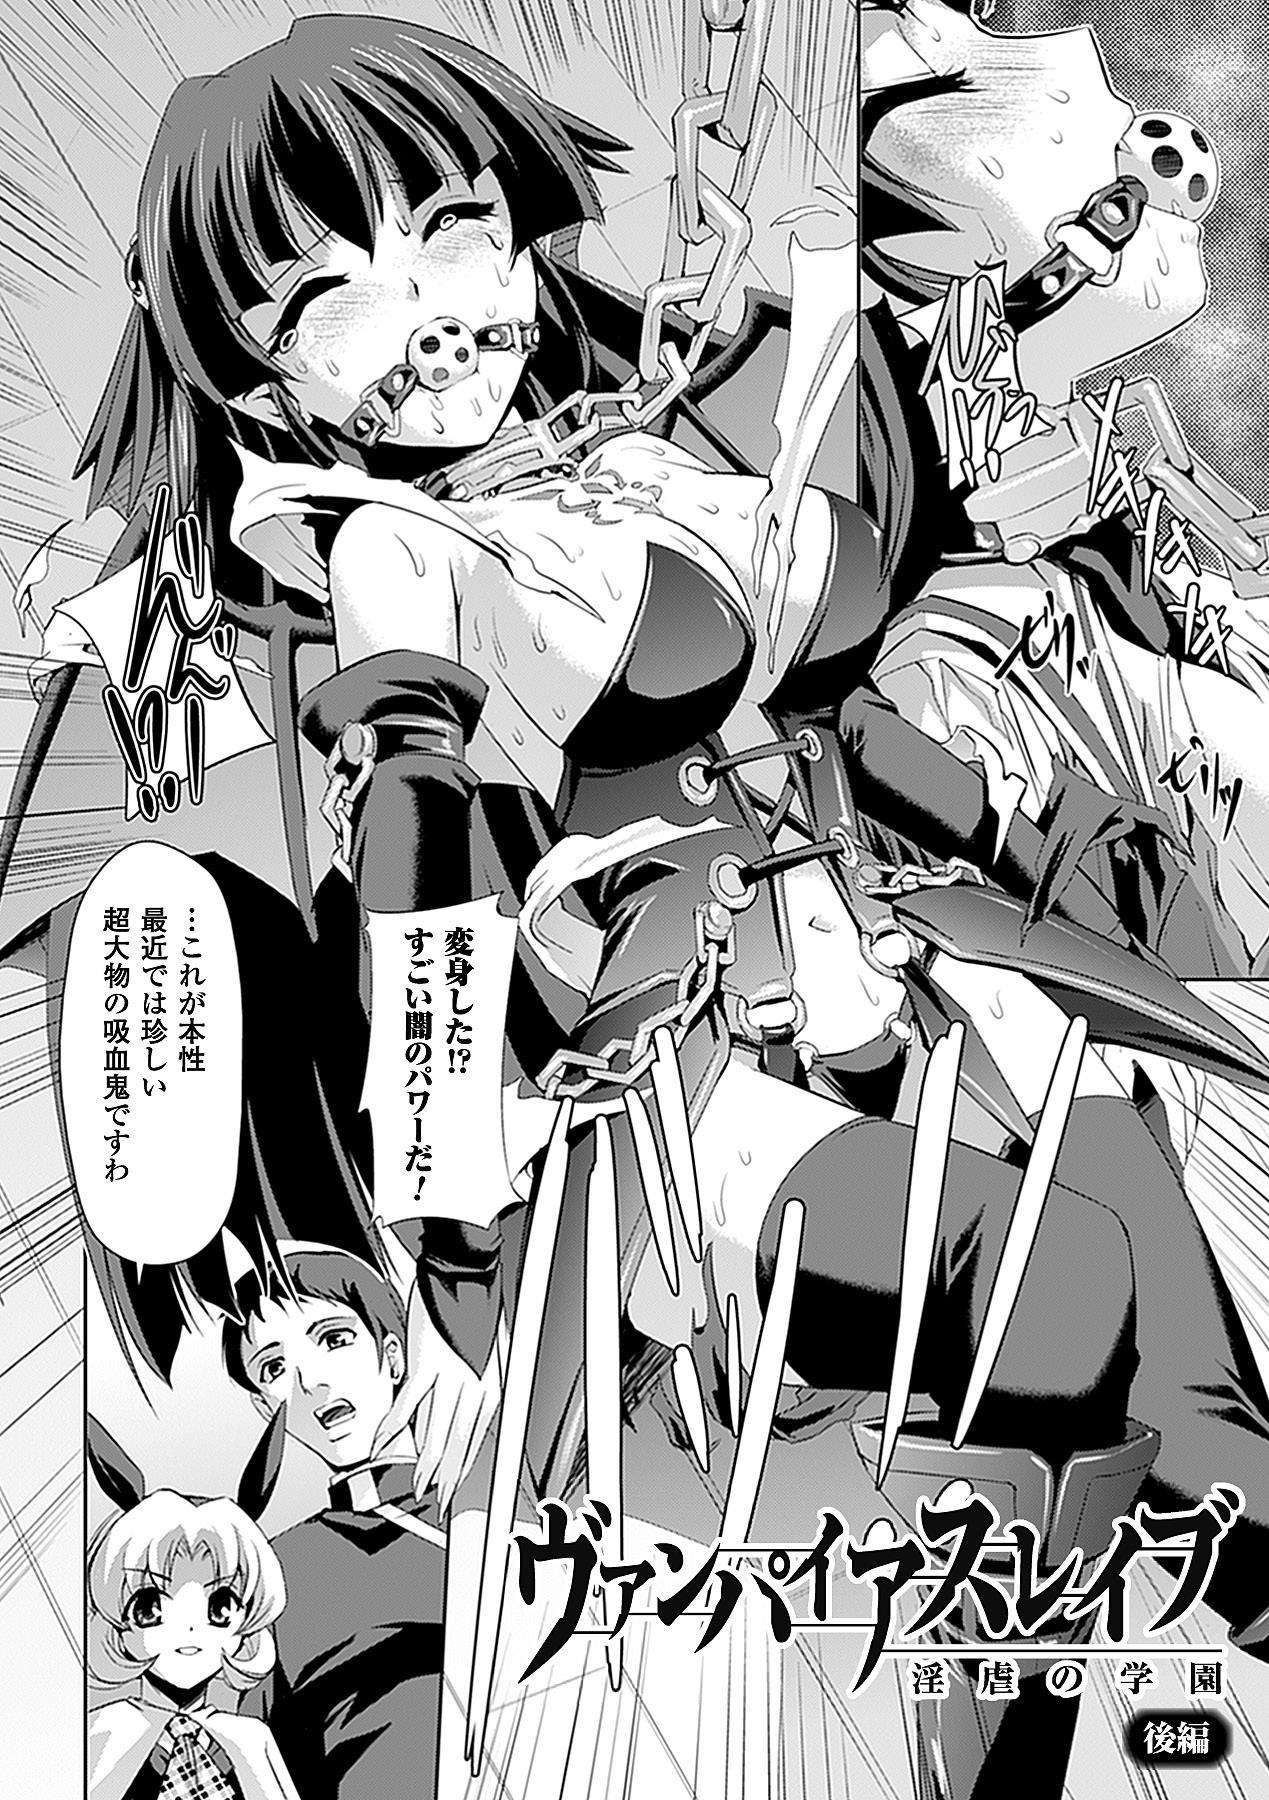 Shirayuri no Kenshi 145